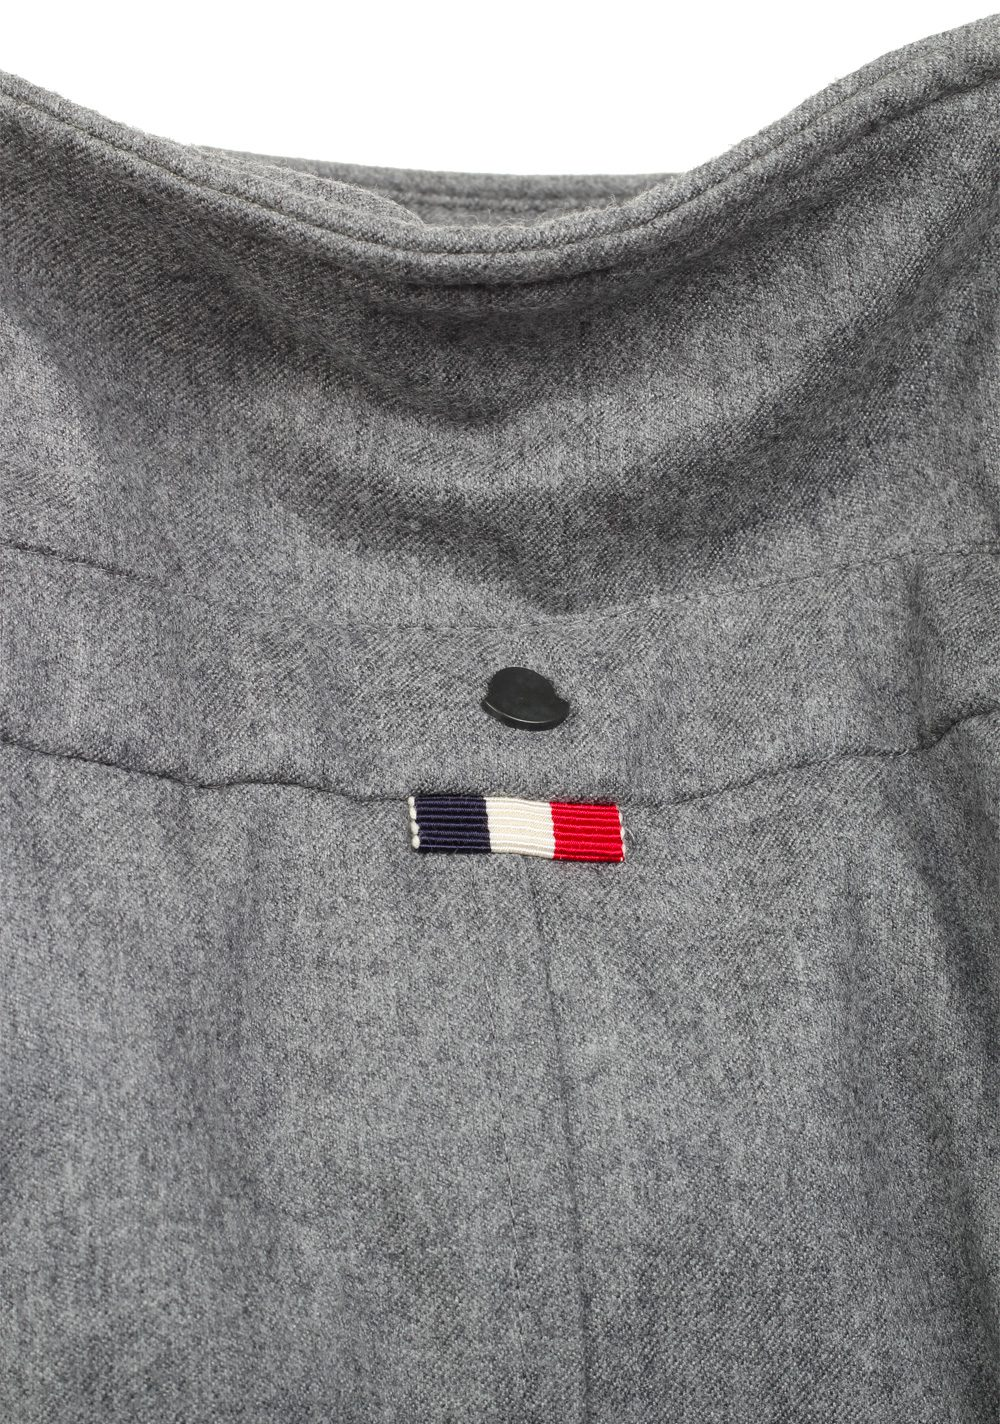 Moncler Gray Keid Saison Jacket Coat Size 6 / XXL / 56 / 46R U.S.   Costume Limité